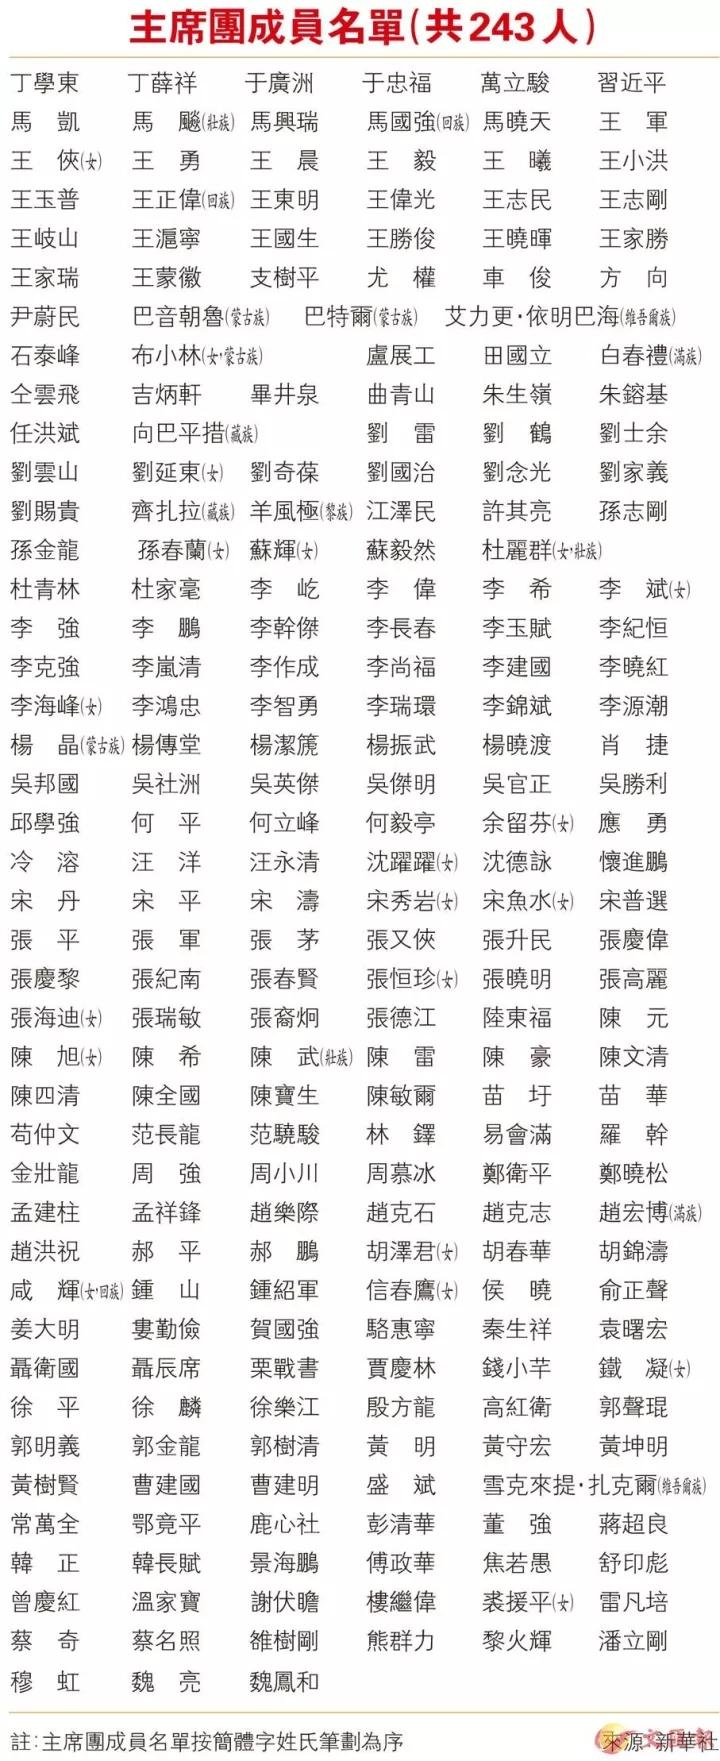 十九大今开幕 勾勒宏大蓝图4.webp.jpg